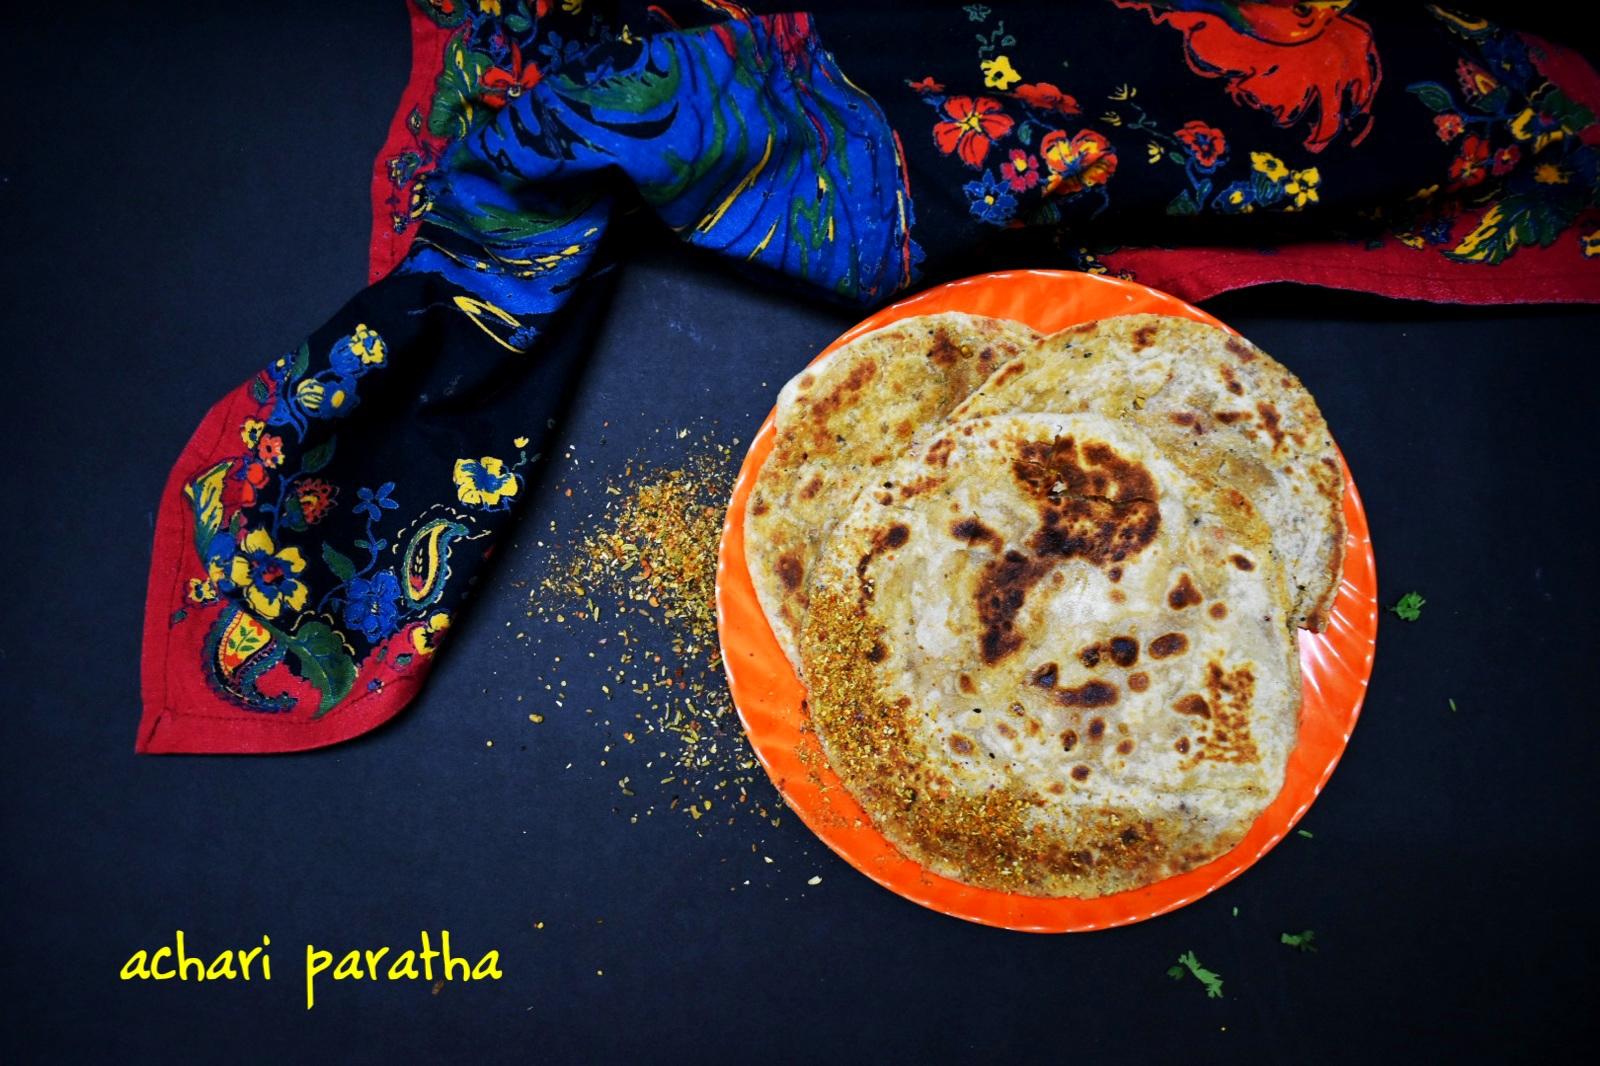 achari paratha